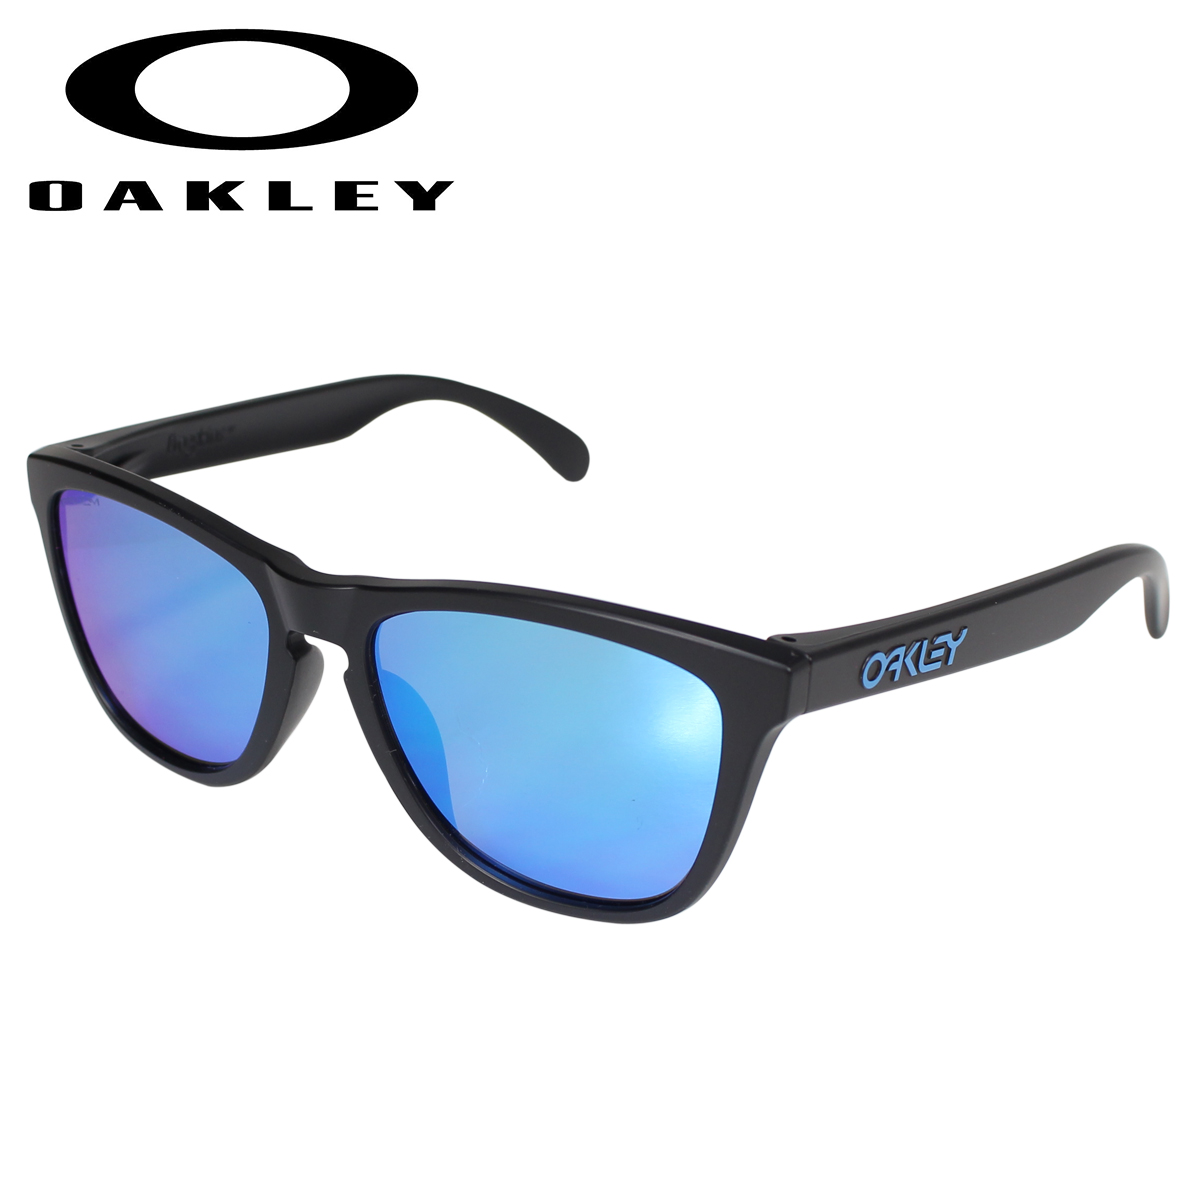 Oakley オークリー サングラス フロッグスキン アジアンフィット メンズ レディース Frogskins ASIA FIT ブラック 黒 OO9245-6154